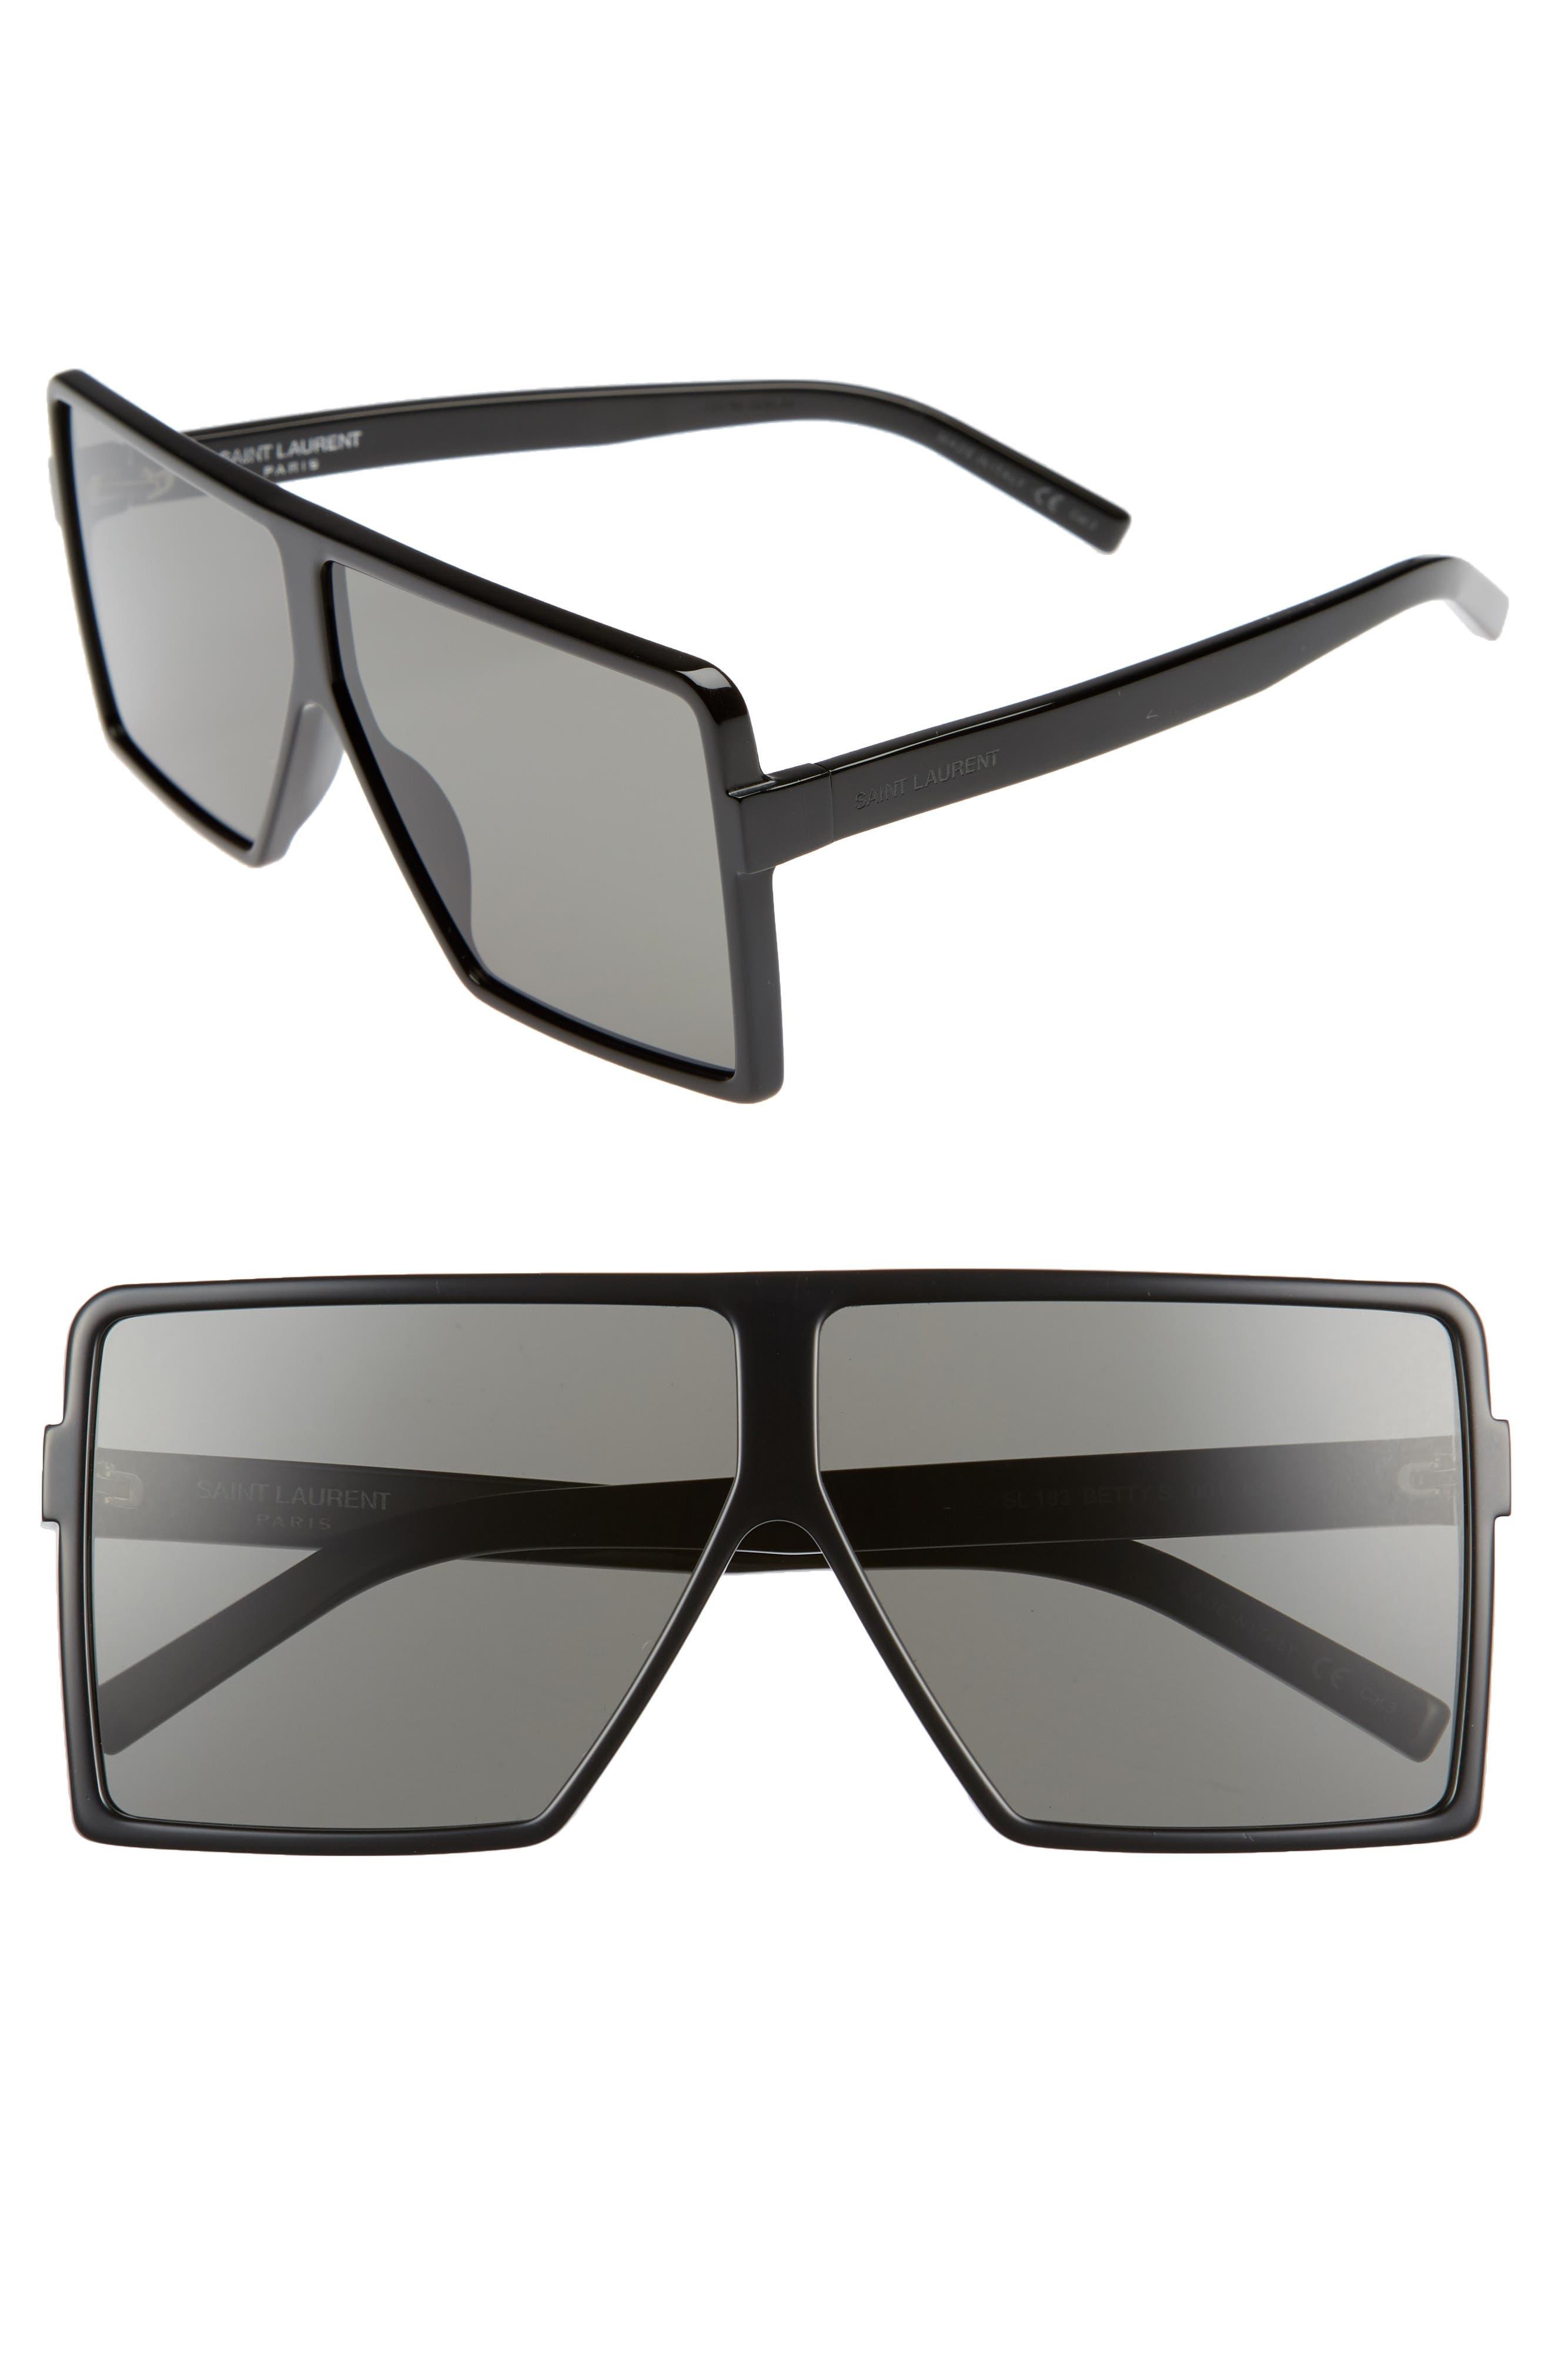 SAINT LAURENT, Betty 63mm Oversize Shield Sunglasses, Main thumbnail 1, color, BLACK